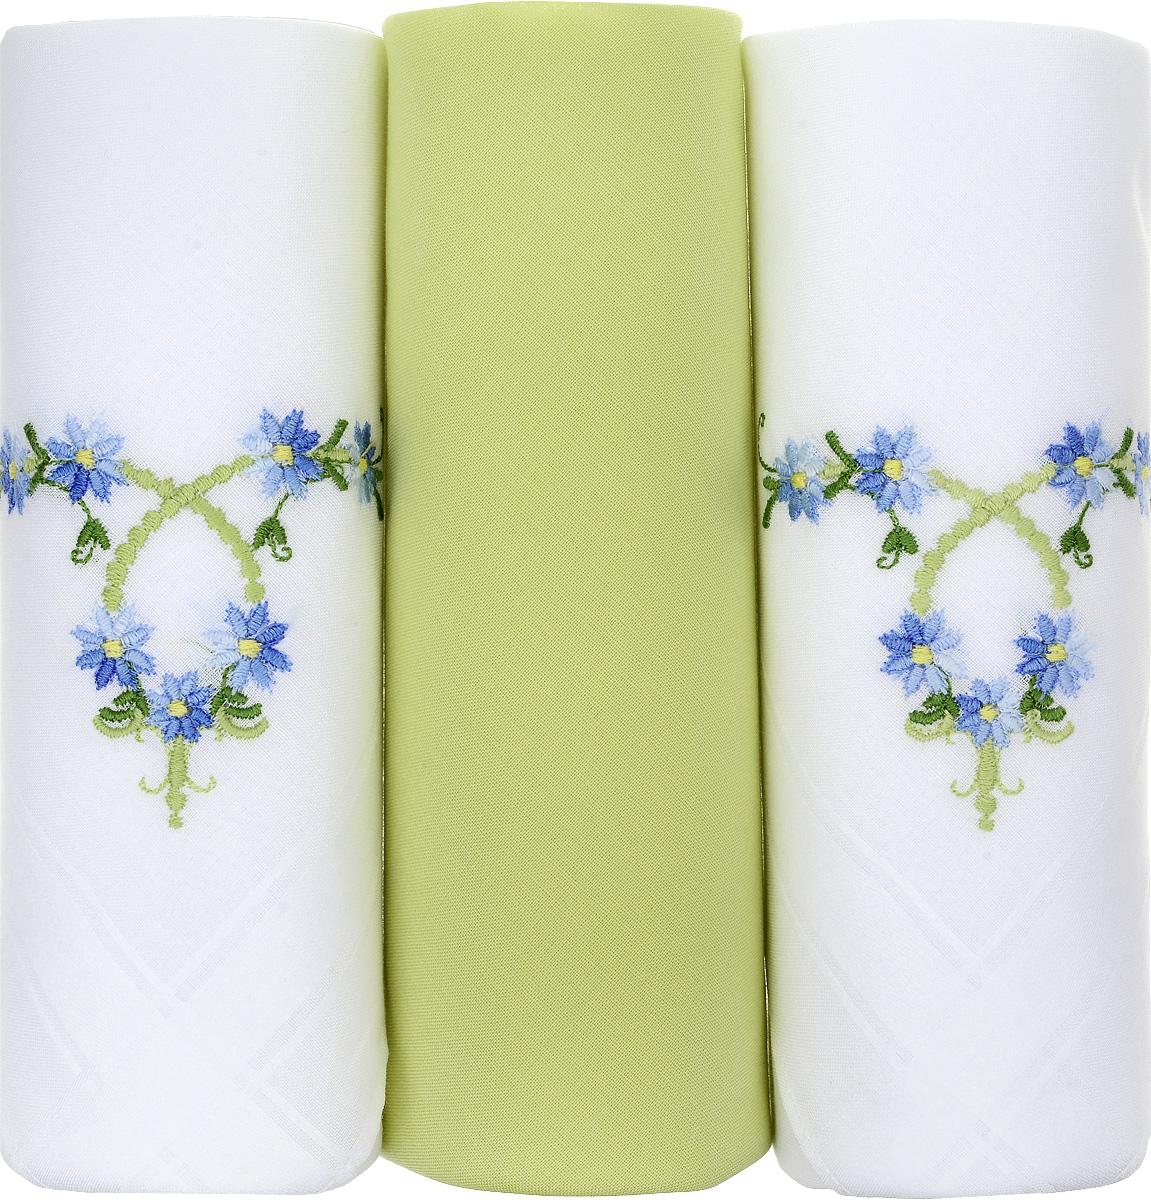 Платок носовой женский Zlata Korunka, цвет: белый, салатовый, 3 шт. 25605-1. Размер 30 см х 30 см25605-1Небольшой женский носовой платок Zlata Korunka изготовлен из высококачественного натурального хлопка, благодаря чему приятен в использовании, хорошо стирается, не садится и отлично впитывает влагу. Практичный и изящный носовой платок будет незаменим в повседневной жизни любого современного человека. Такой платок послужит стильным аксессуаром и подчеркнет ваше превосходное чувство вкуса. В комплекте 3 платка.